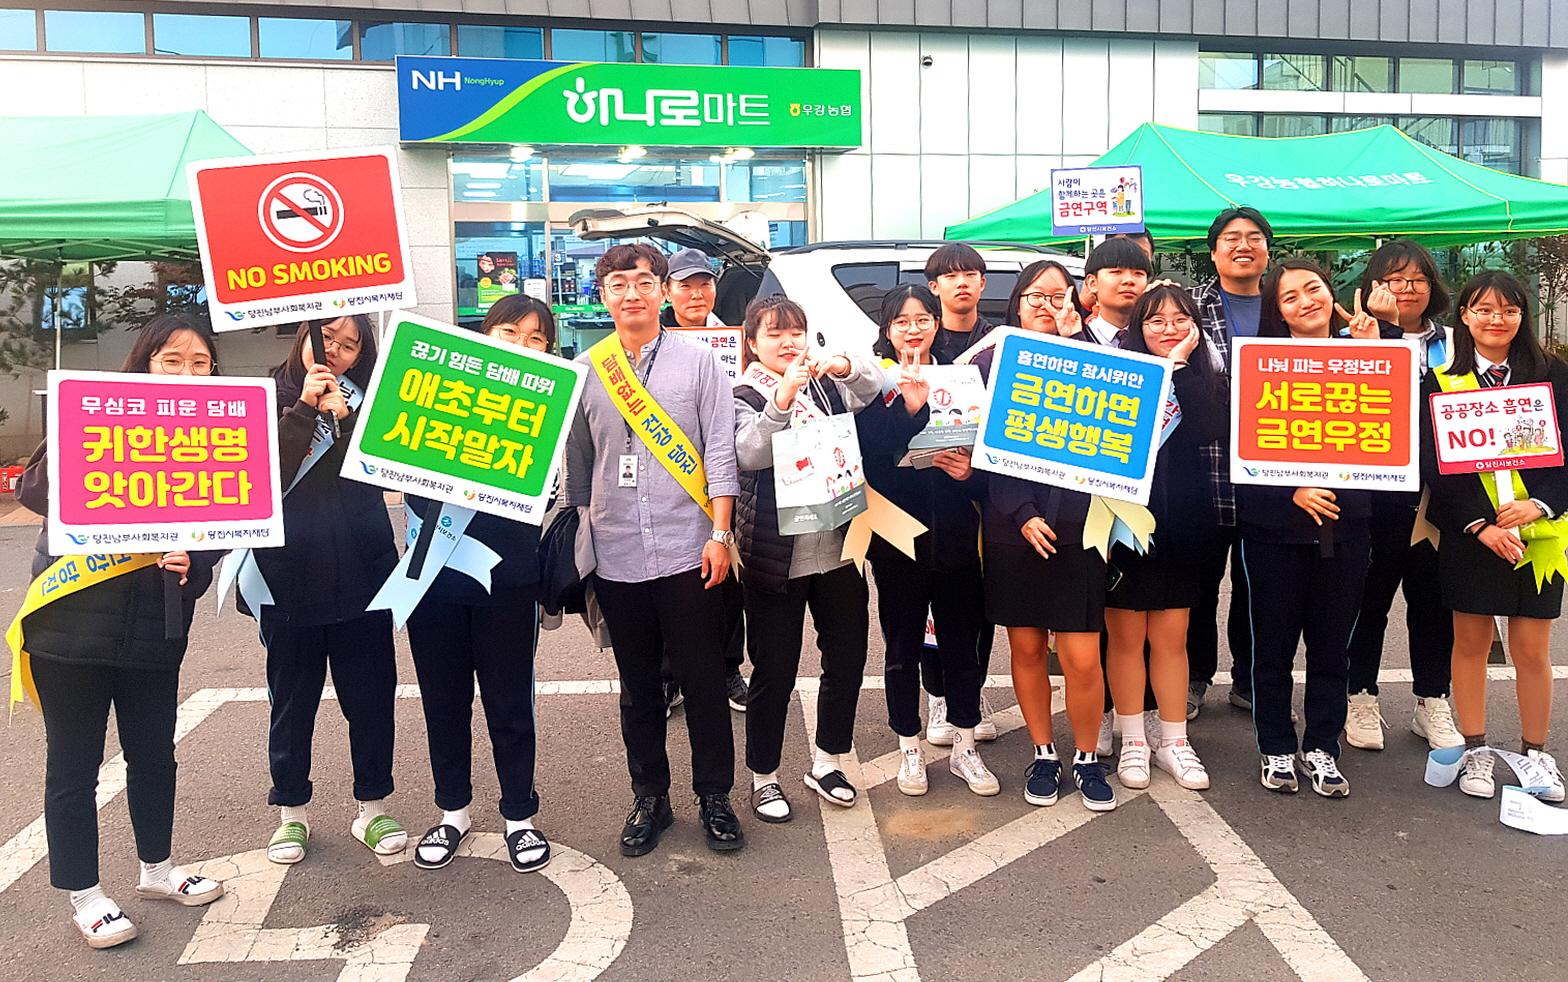 '흡연! 애초부터 시작말자', 예방 캠페인벌여...시민 건강권 강화